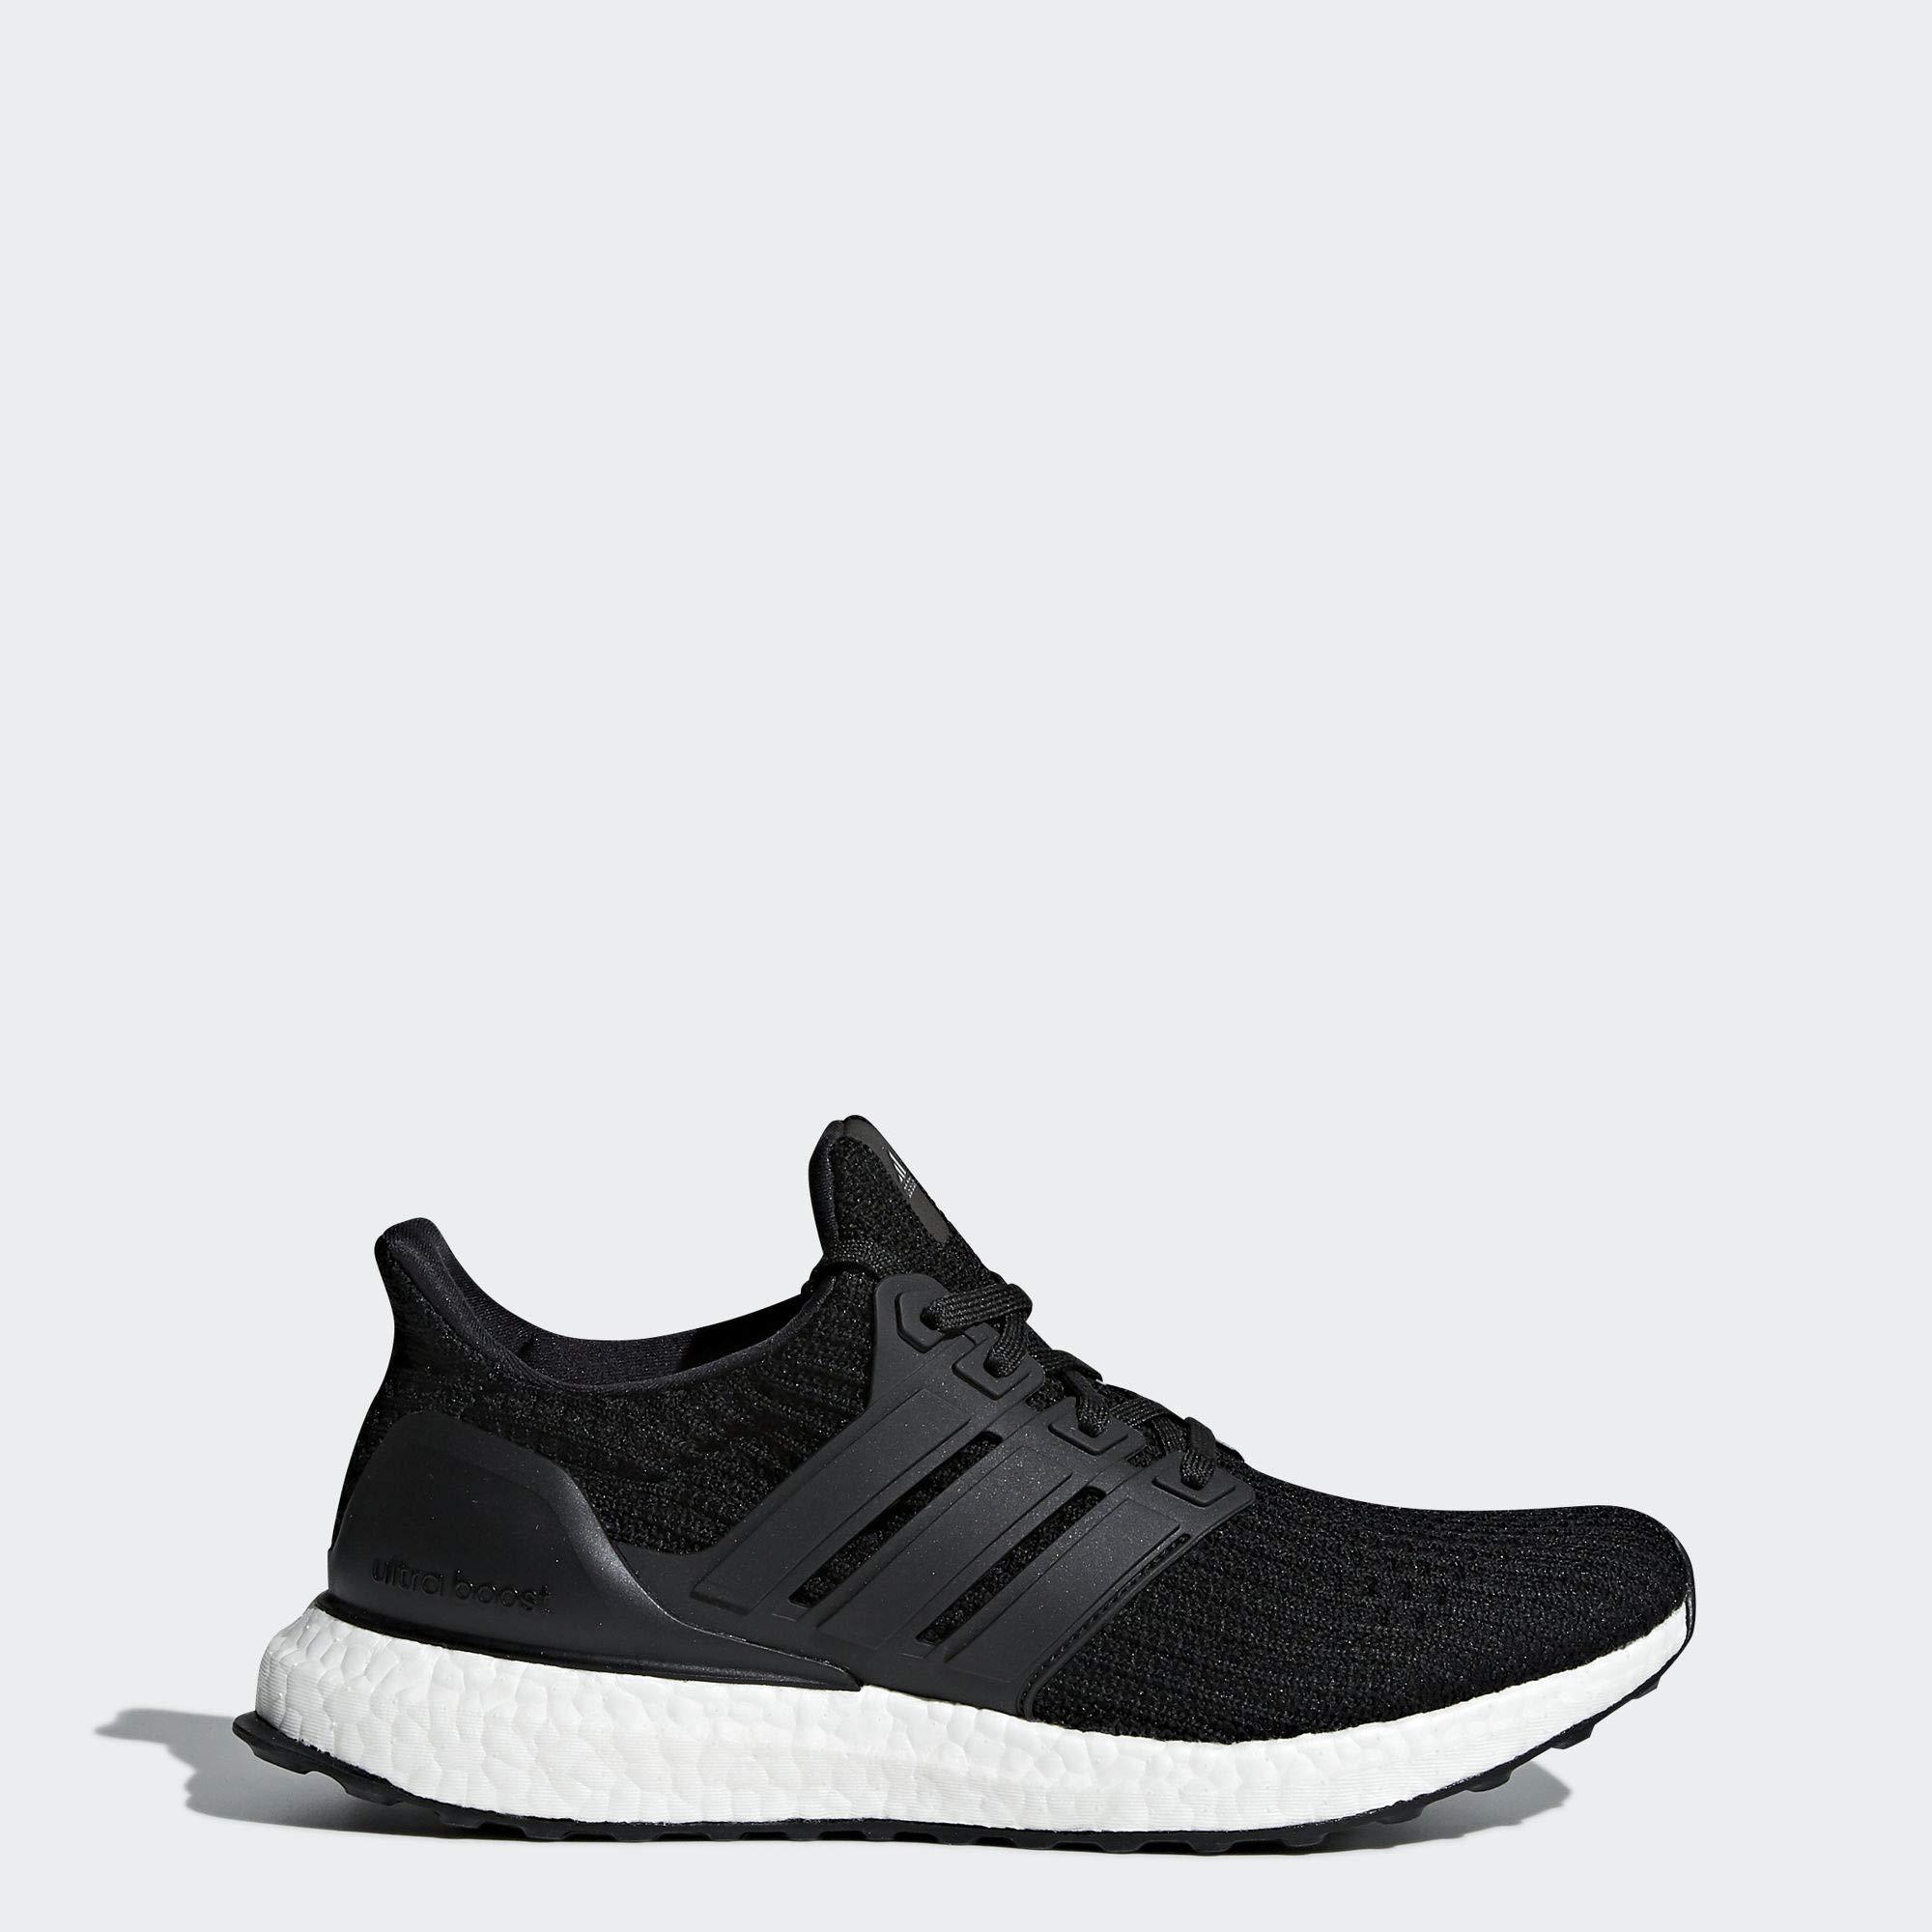 adidas Women's Ultraboost w Road Running Shoe, Core Black/Core Black/Core Black, 10 M US by adidas